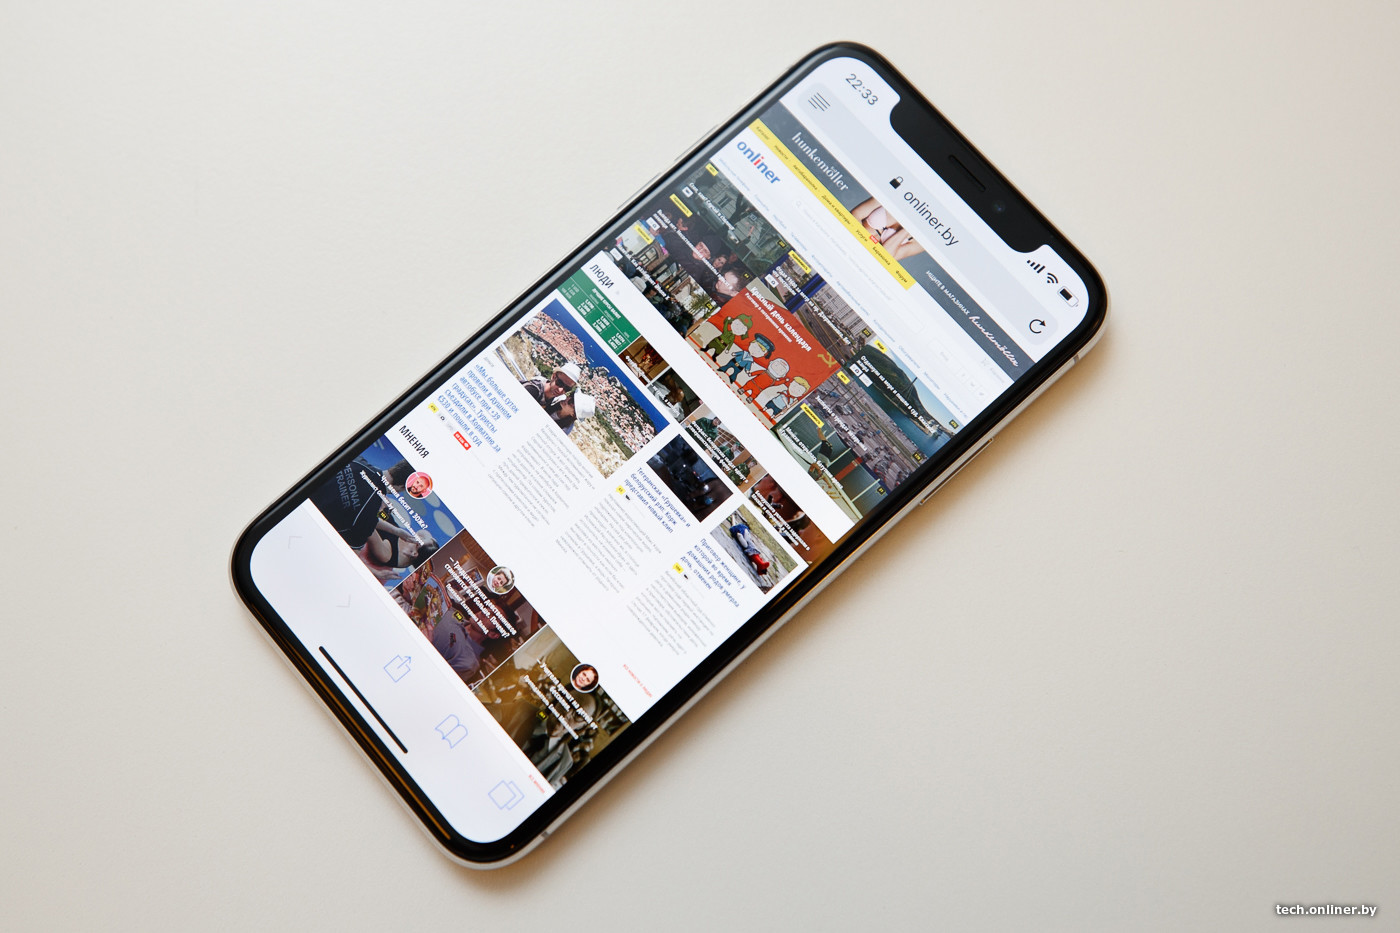 f7124aa2cc75 Пусть оно будет царапаться и уже в первые секунды использования покроется  отпечатками пальцев, но глянец смотрится лучше шершавого алюминия, а в  смартфоне ...